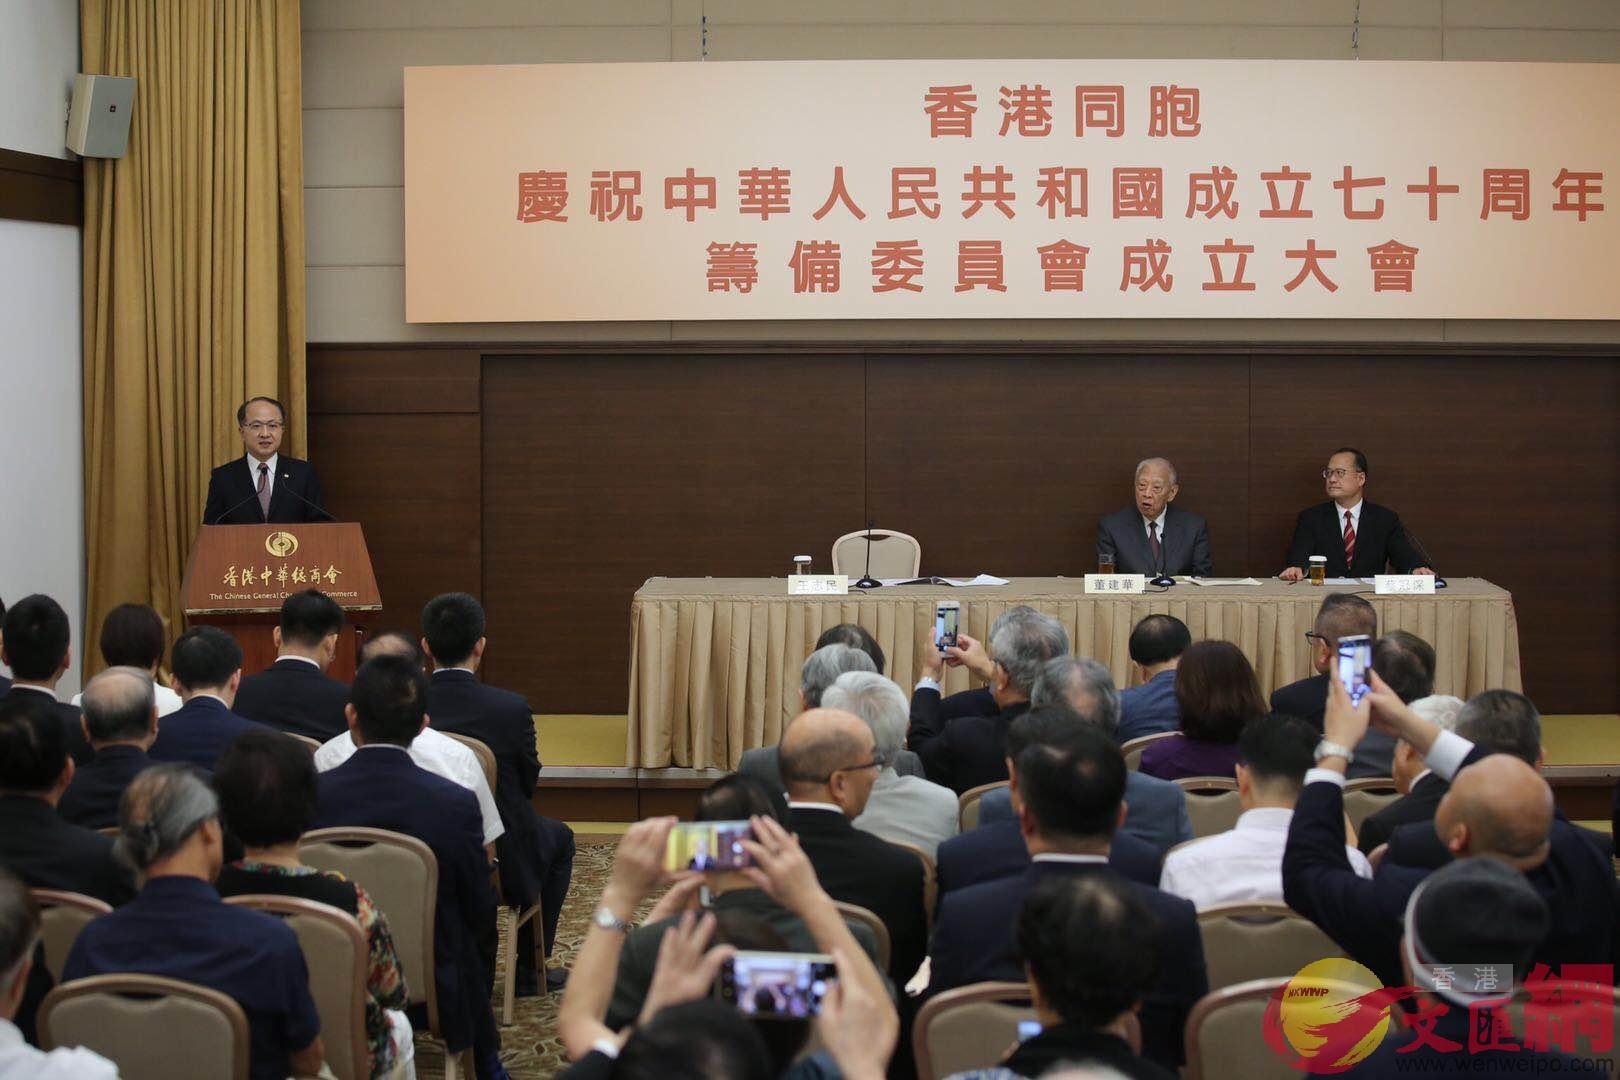 香港同胞慶祝國慶70周年籌委會今成立,香港中聯辦主任王志民應邀出席並致辭。(大公文匯全媒體記者何嘉駿攝)